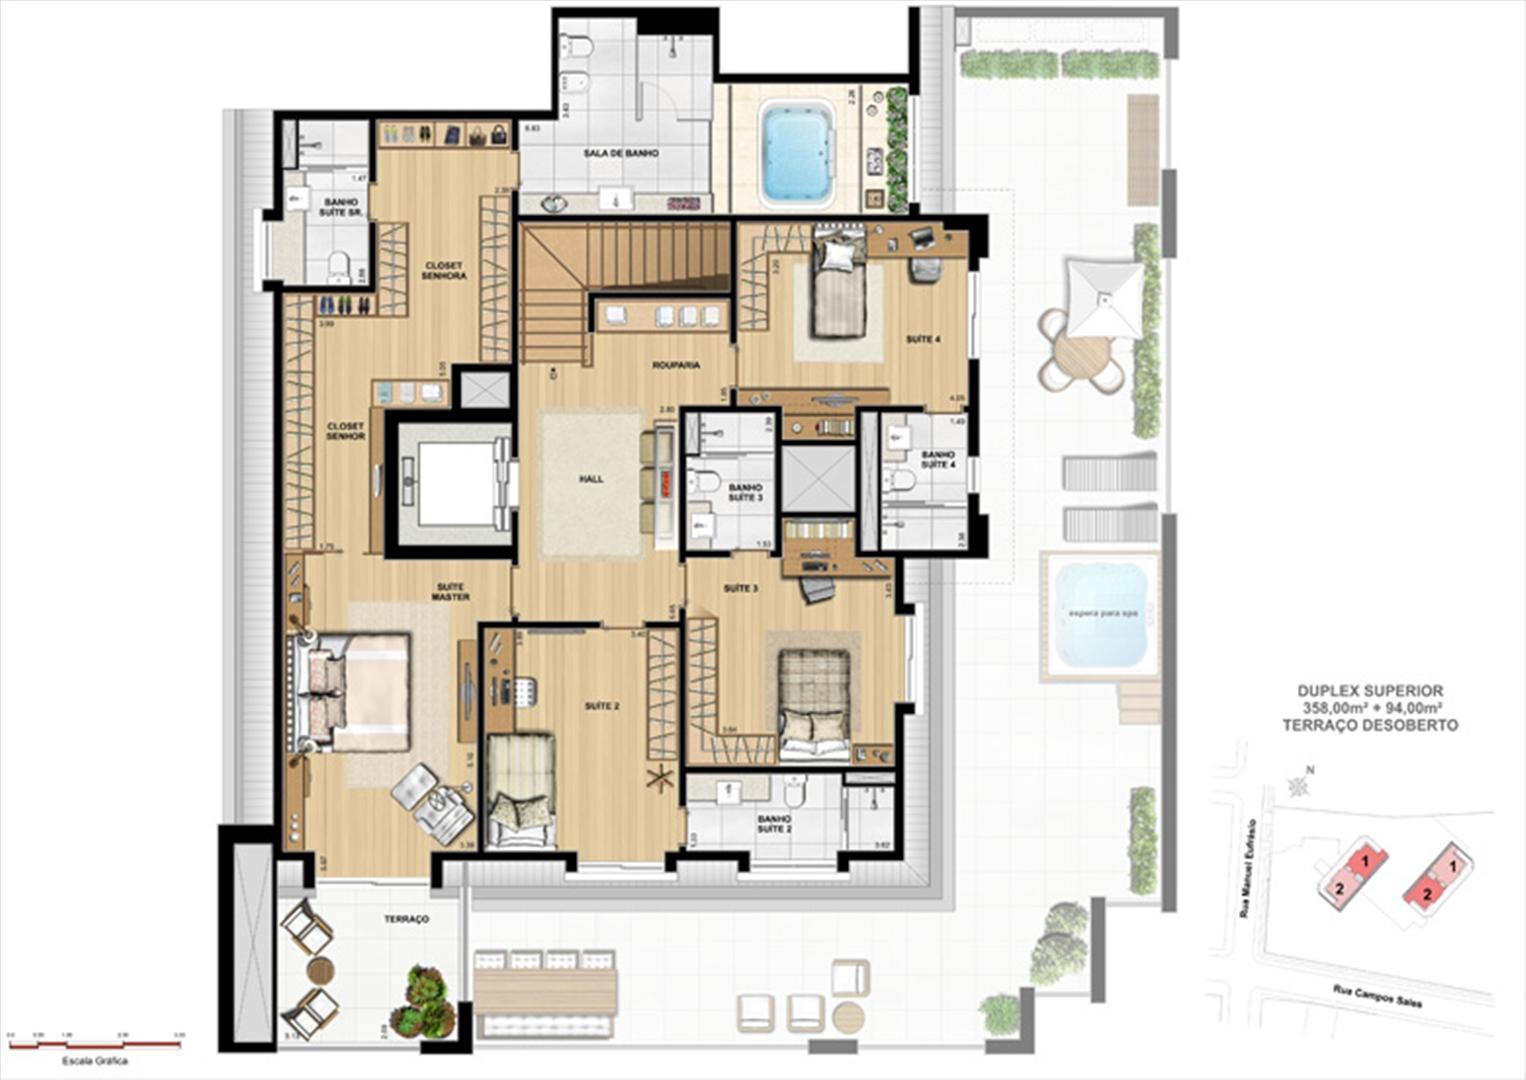 Duplex superior | Le Chateau  – Apartamento no  Juvevê - Curitiba - Paraná